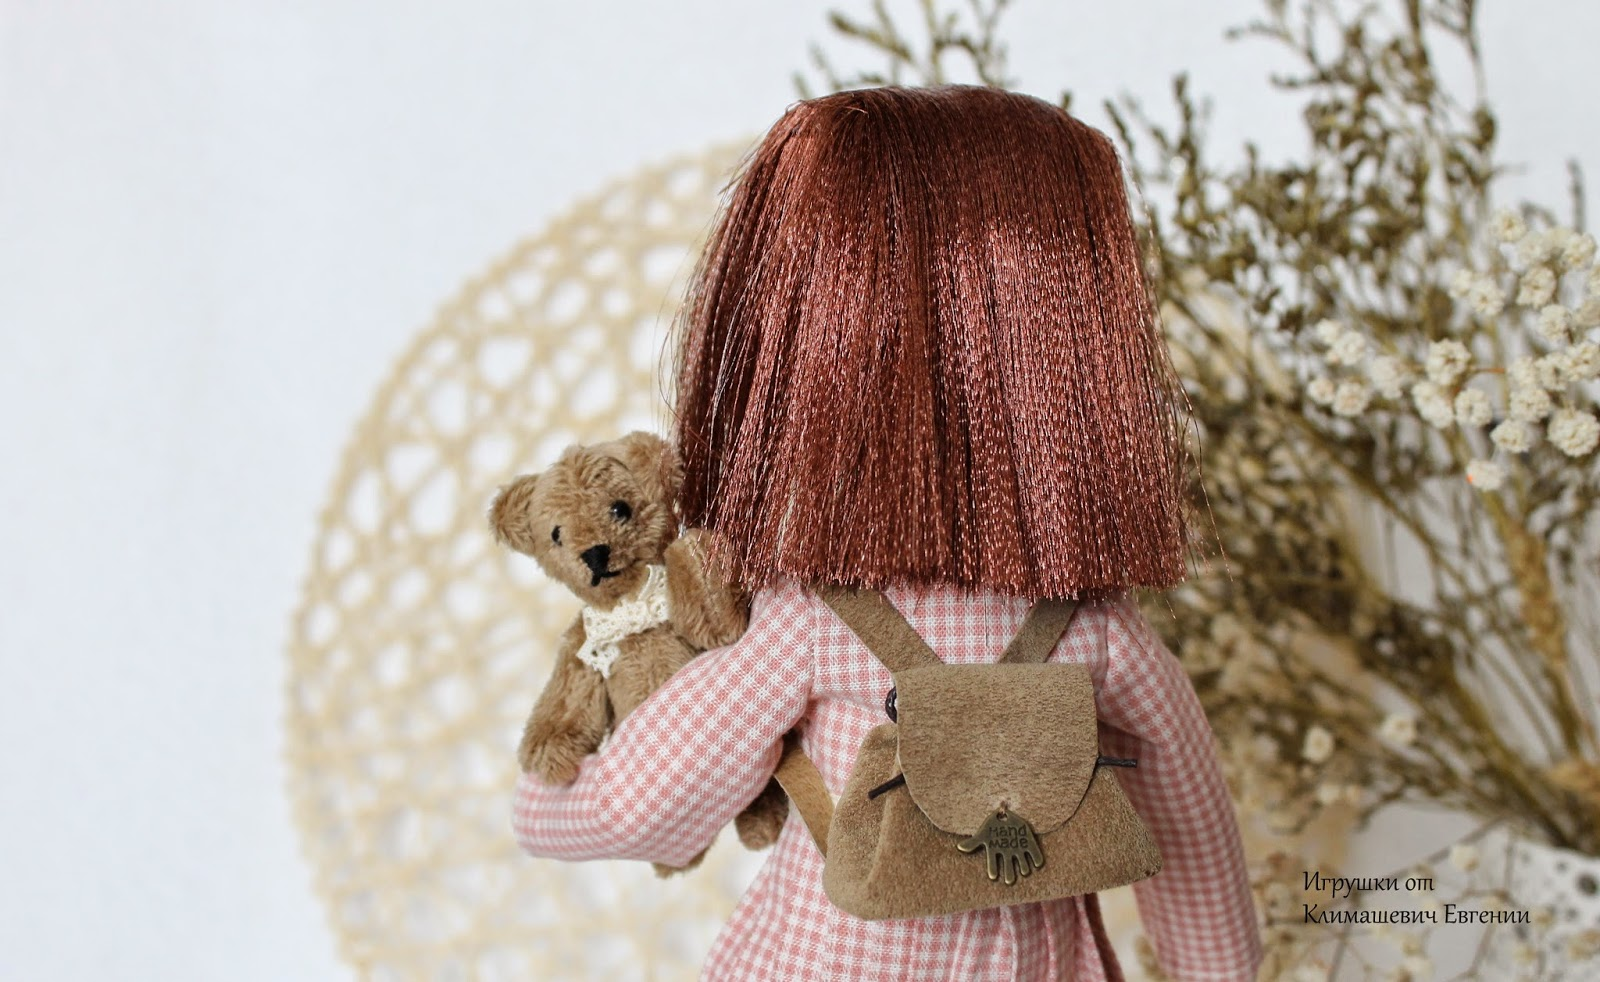 Кукла ручной работы, авторская кукла, текстильная кукла, интерьерная кукла, кукла, мишка, мишка тедди, тедди, мини-мишка